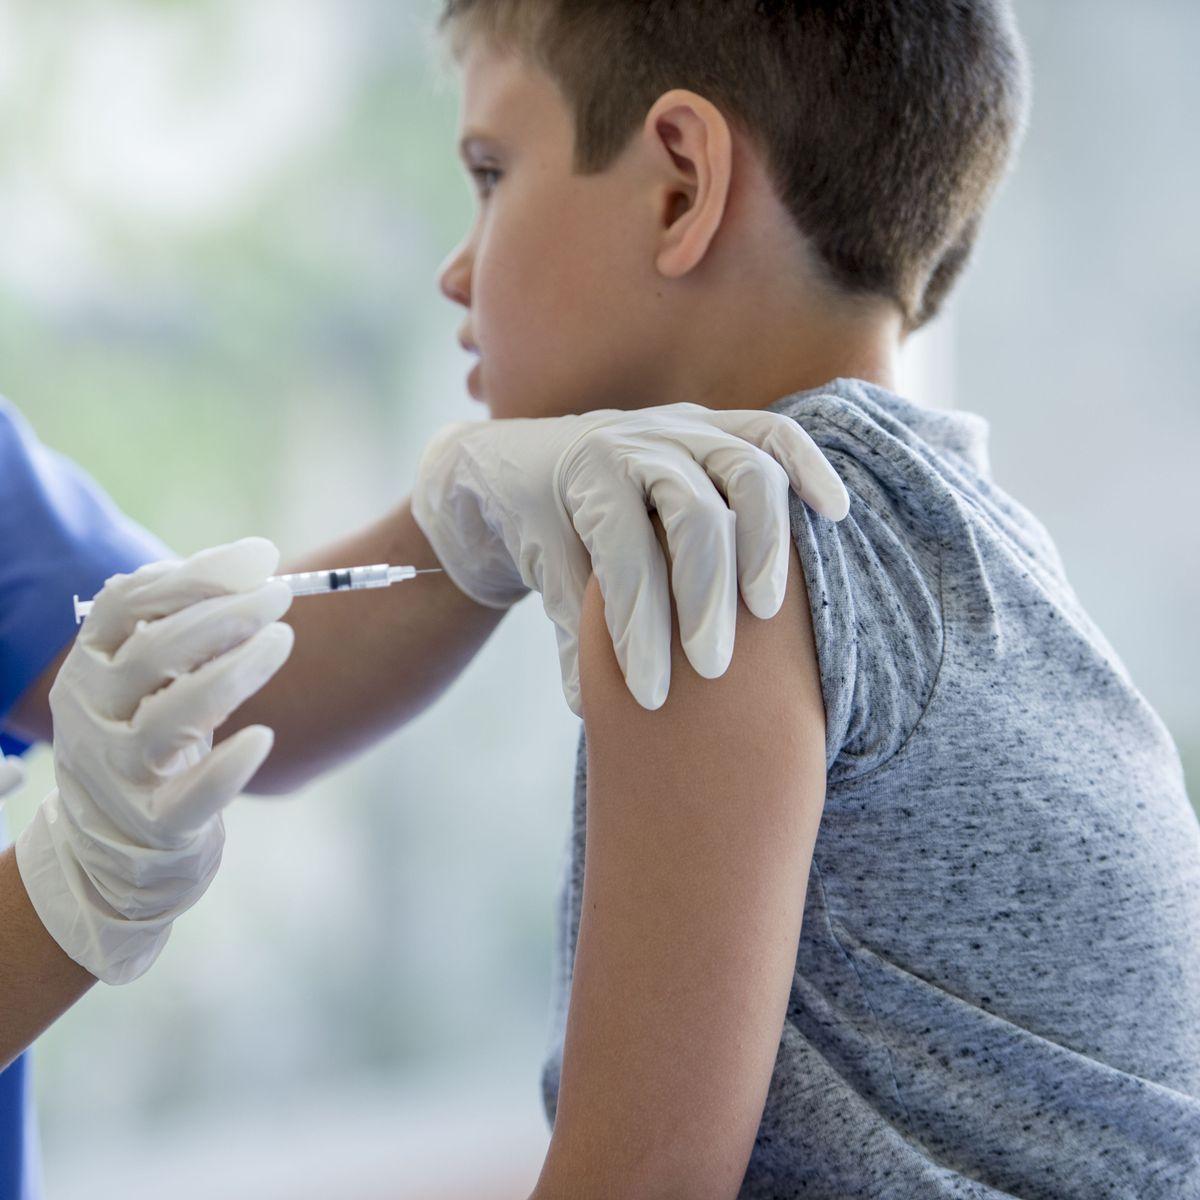 hpv impfung wo wird geimpft